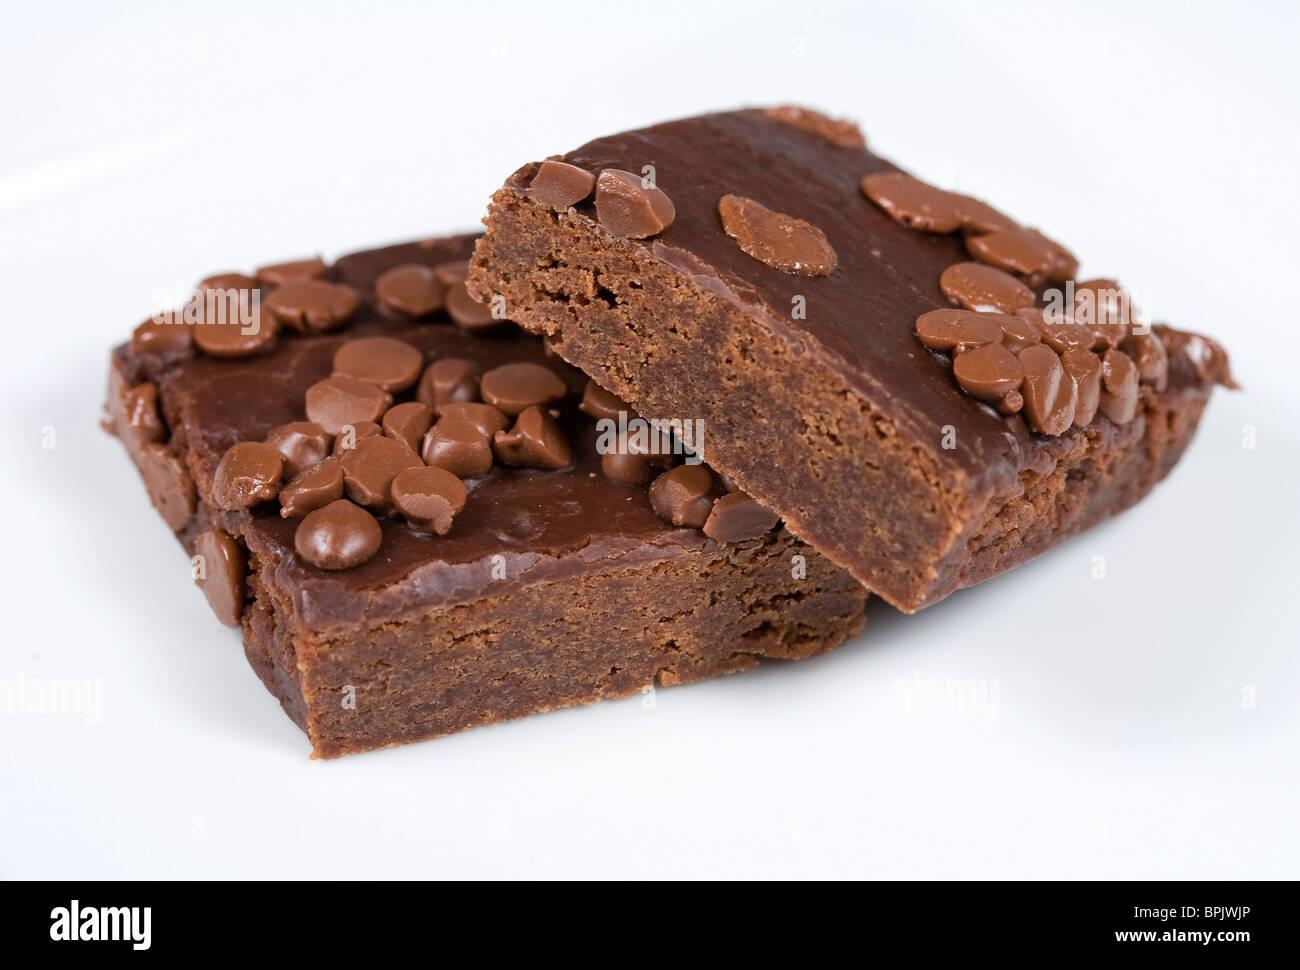 Tastykake fudge nut brownie.  - Stock Image